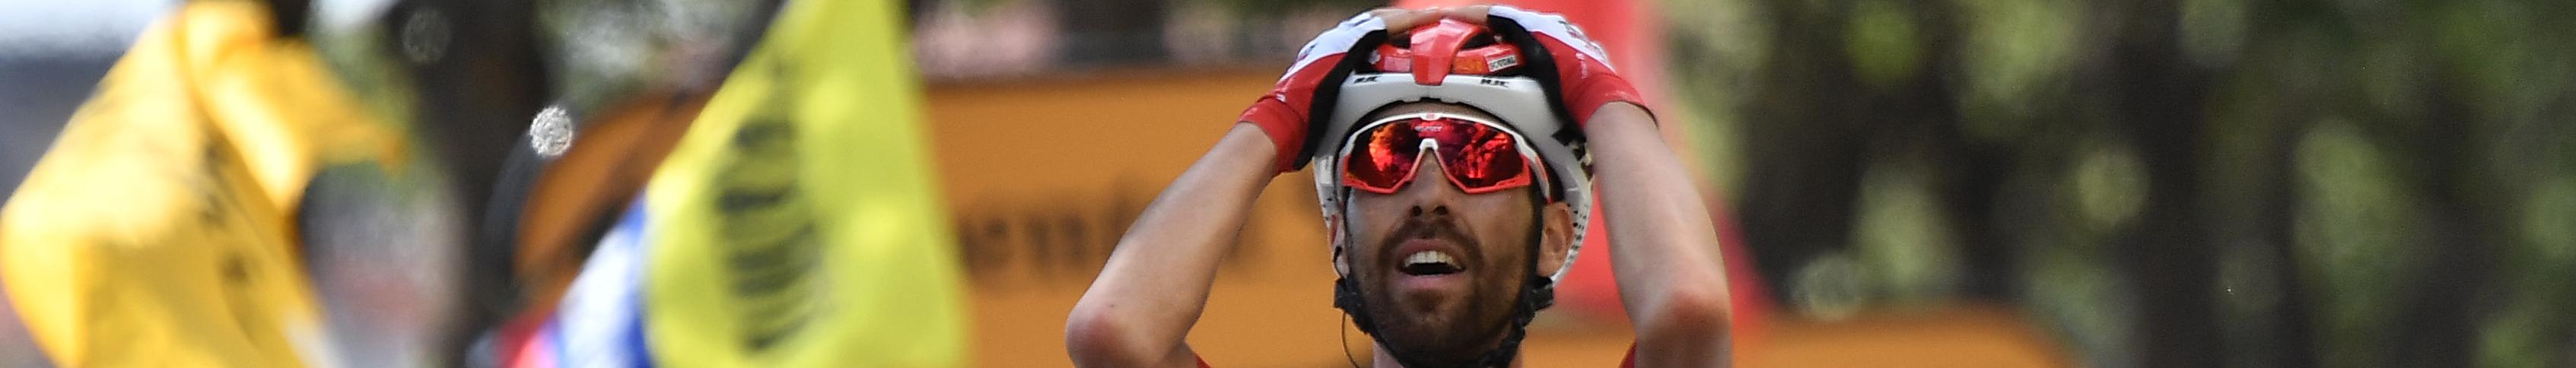 Vuelta 2019, tappa 8: fuga da lontano o chance per gli scattisti?